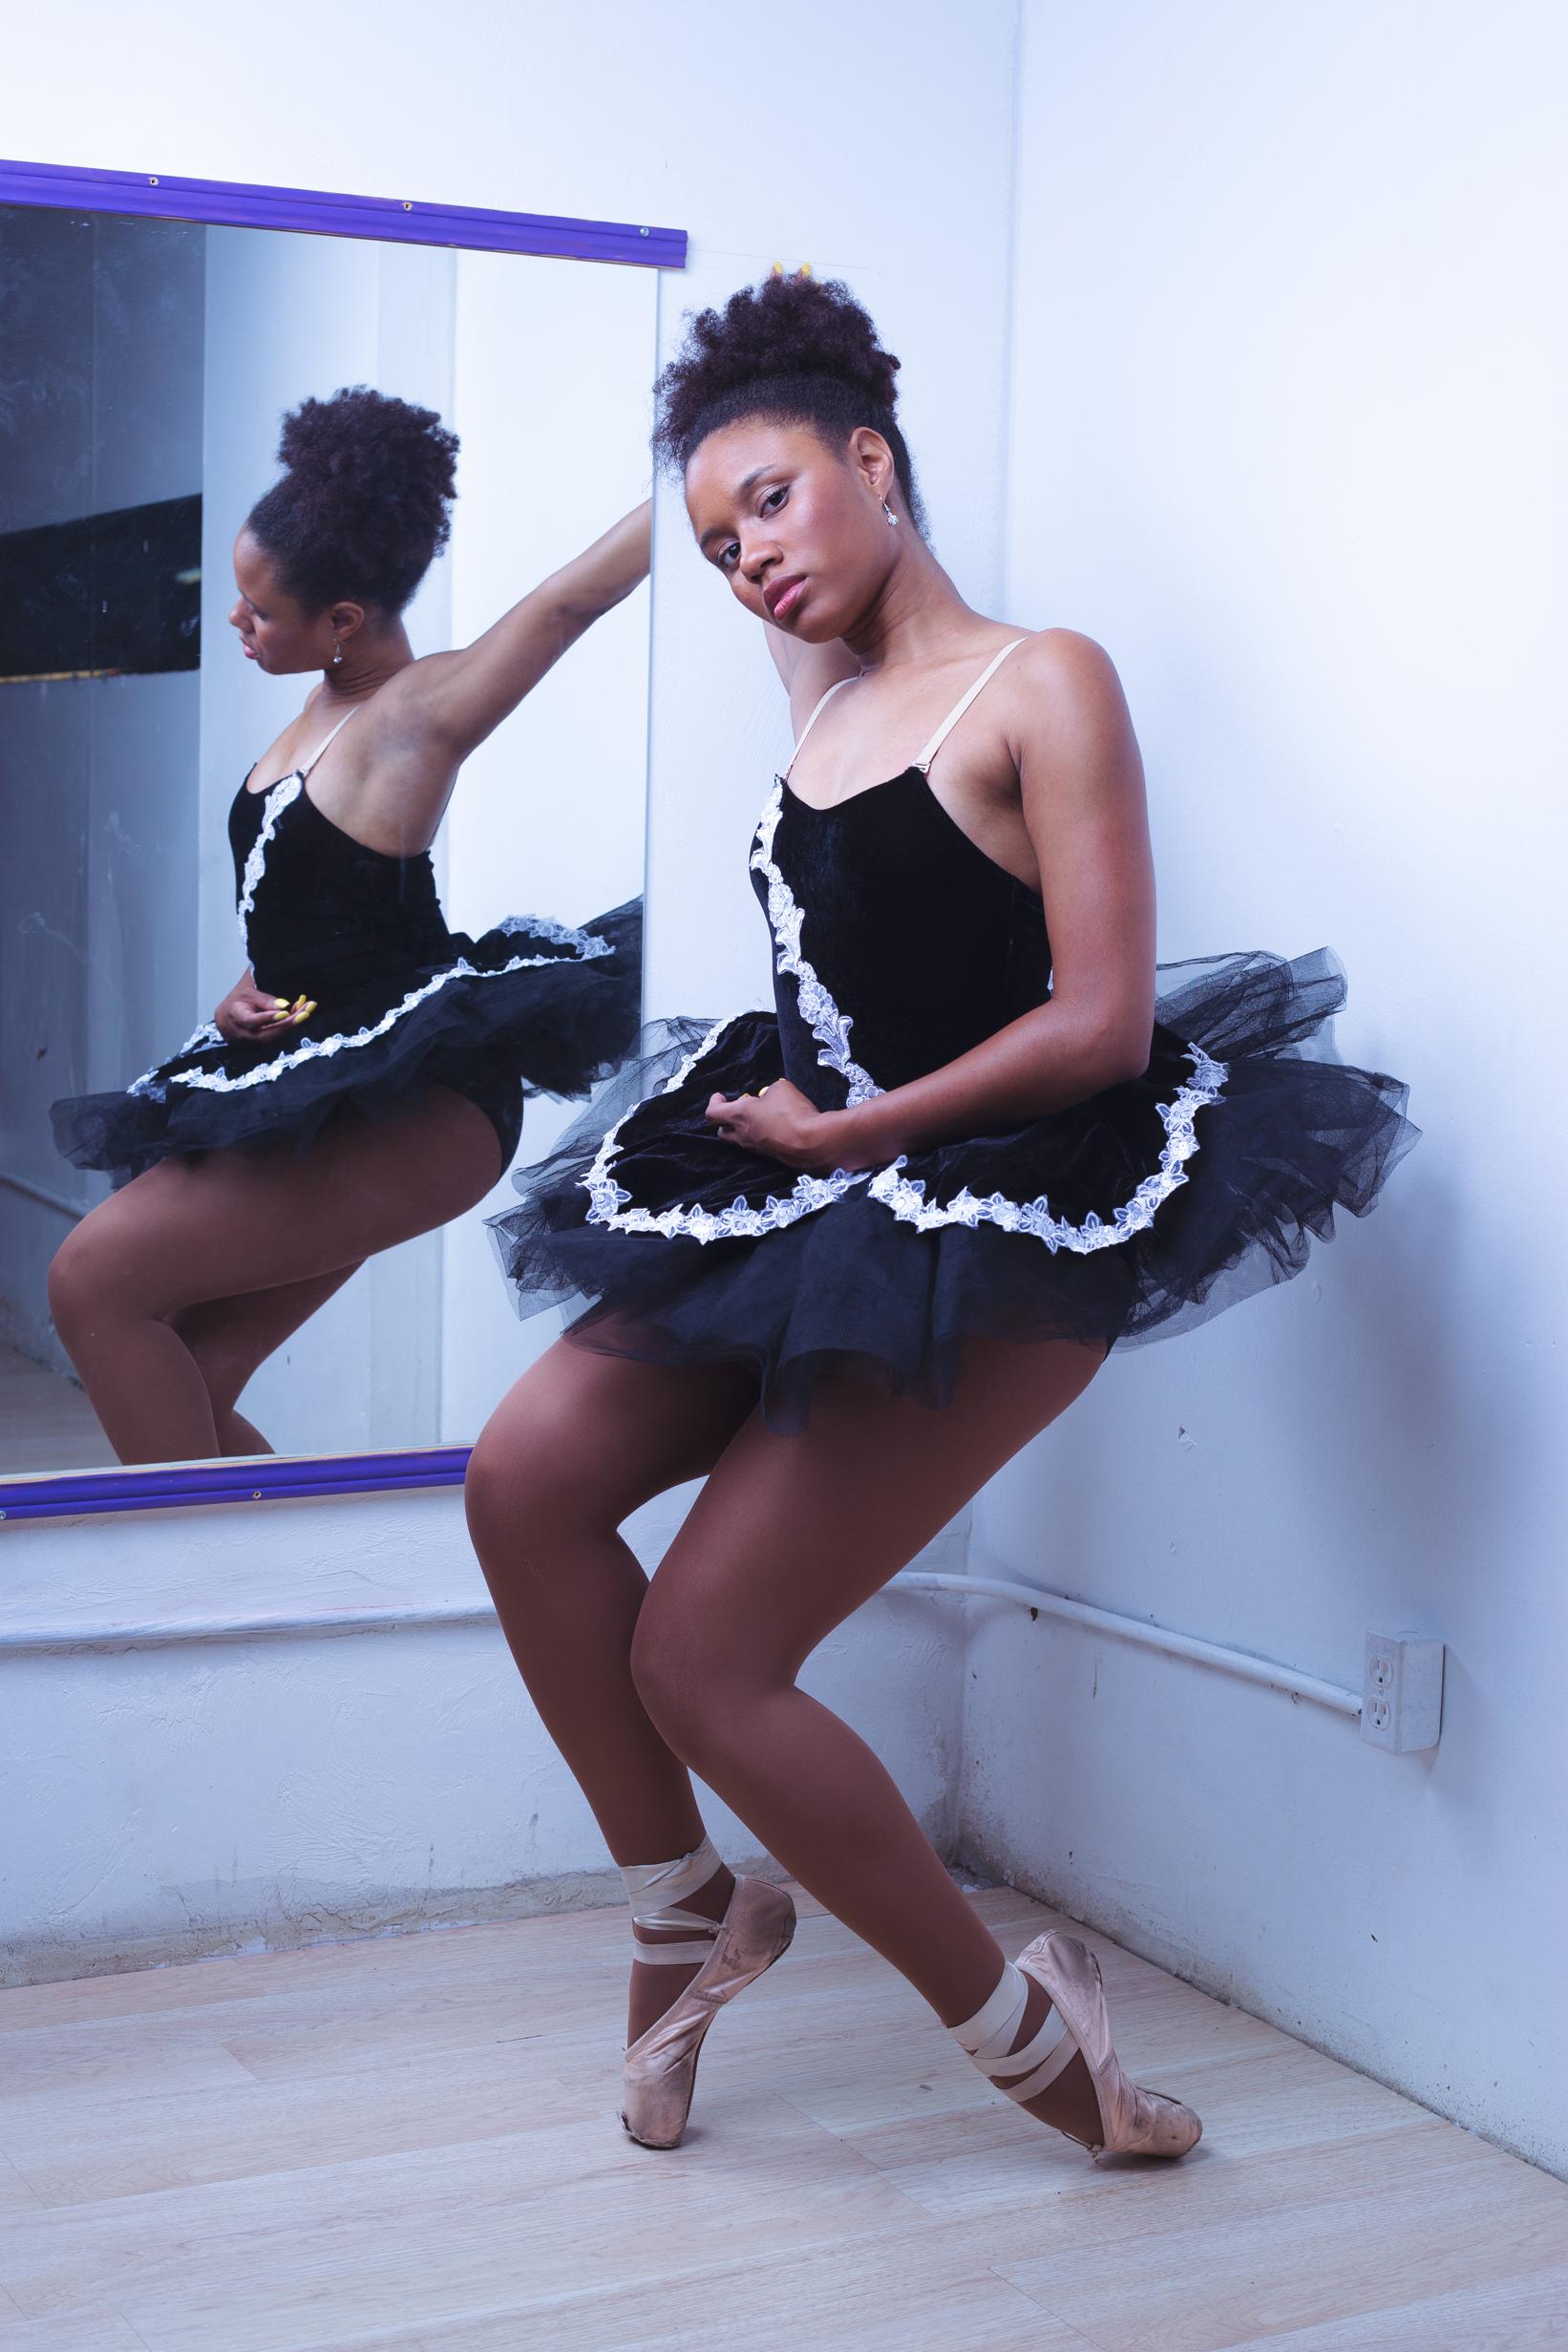 ballet-dancer-chamber-photographer-antoine-hart-6.jpg